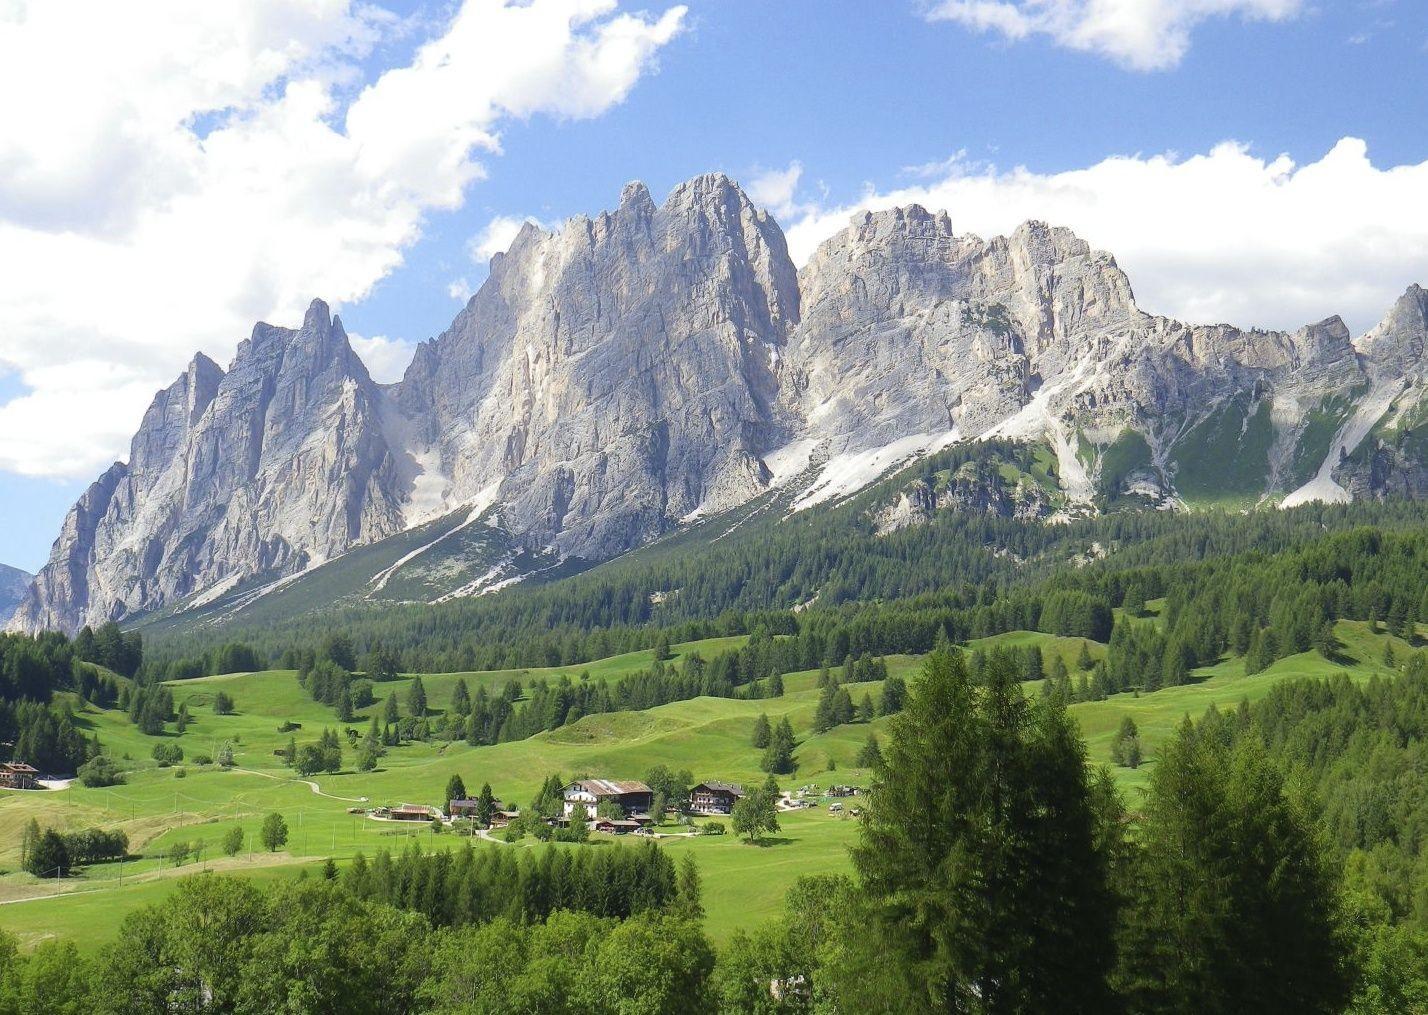 italiandolomites13.jpg - Italy - Italian Dolomites - Guided Road Cycling Holiday - Road Cycling